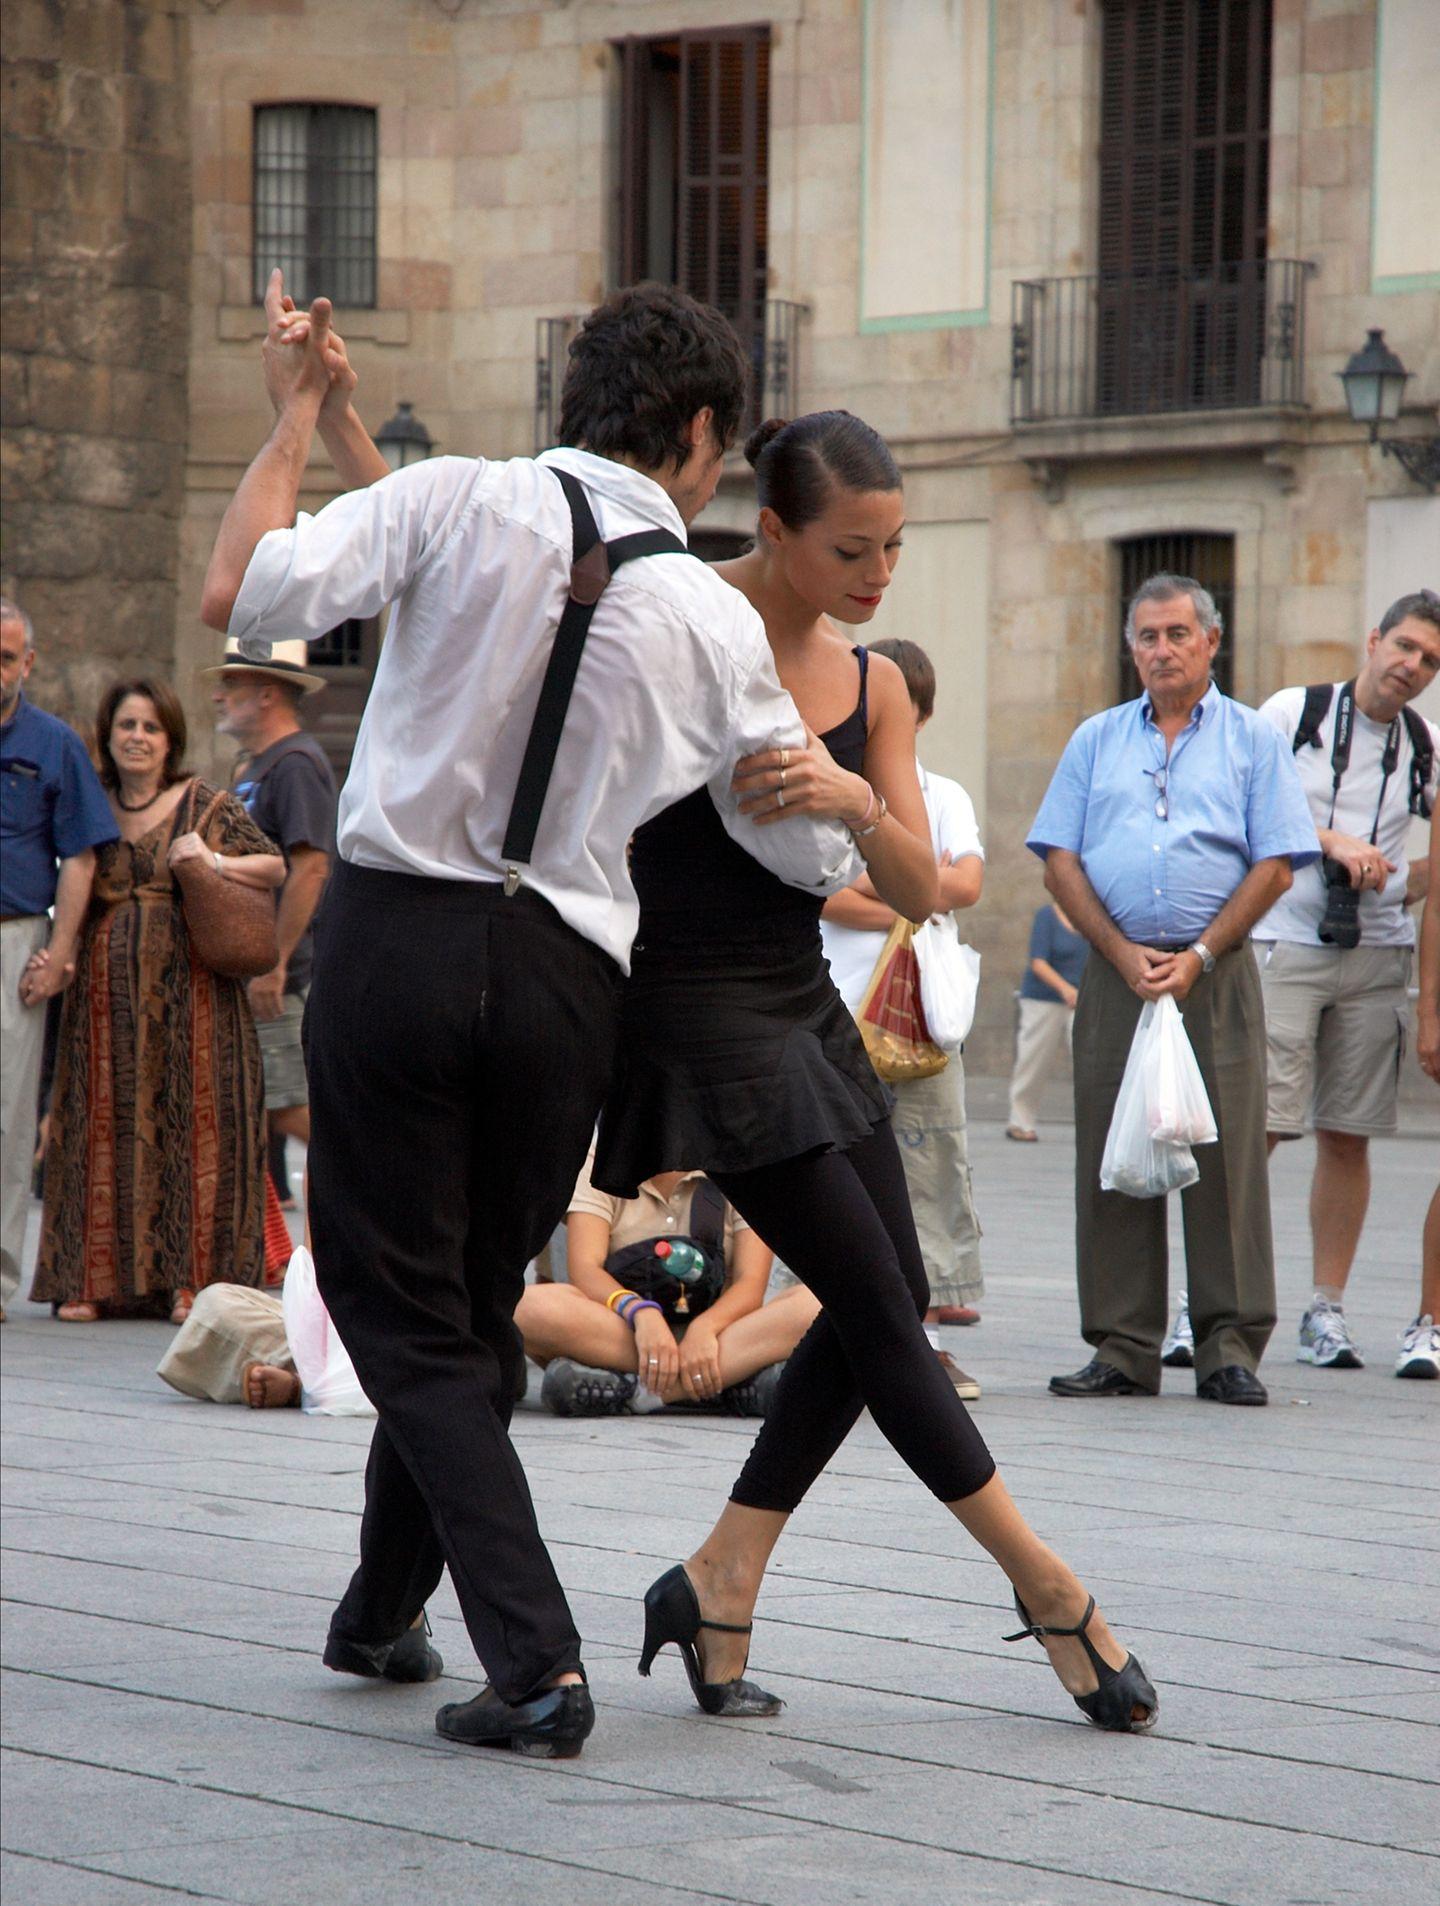 Barcelona-Sehenswürdigkeiten: Tanz und Musik